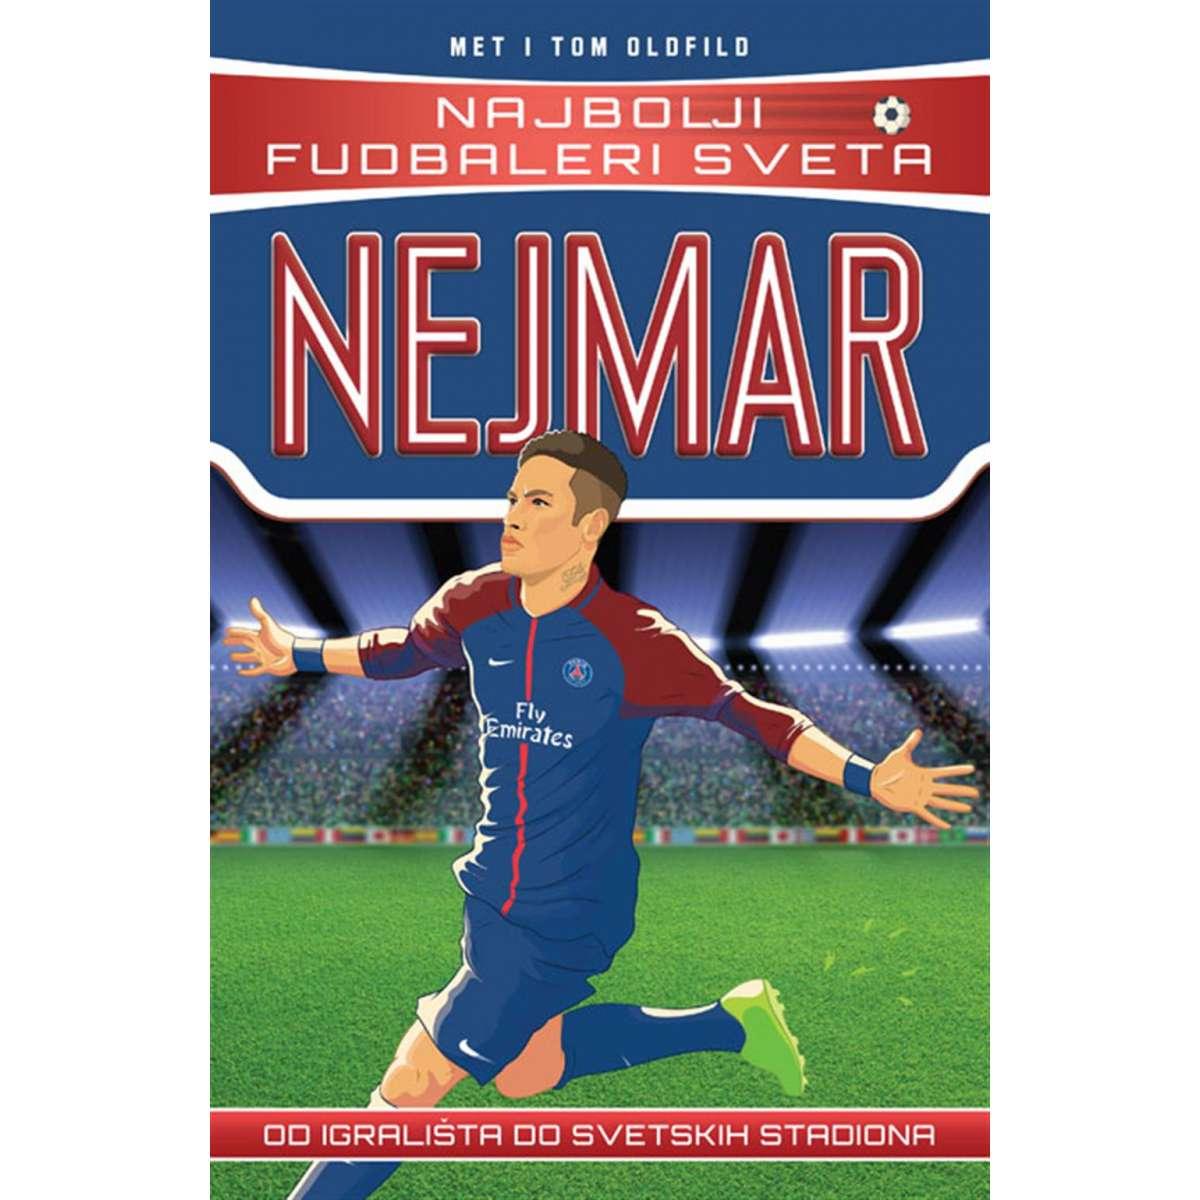 Najbolji fudbaleri sveta: Nejmar